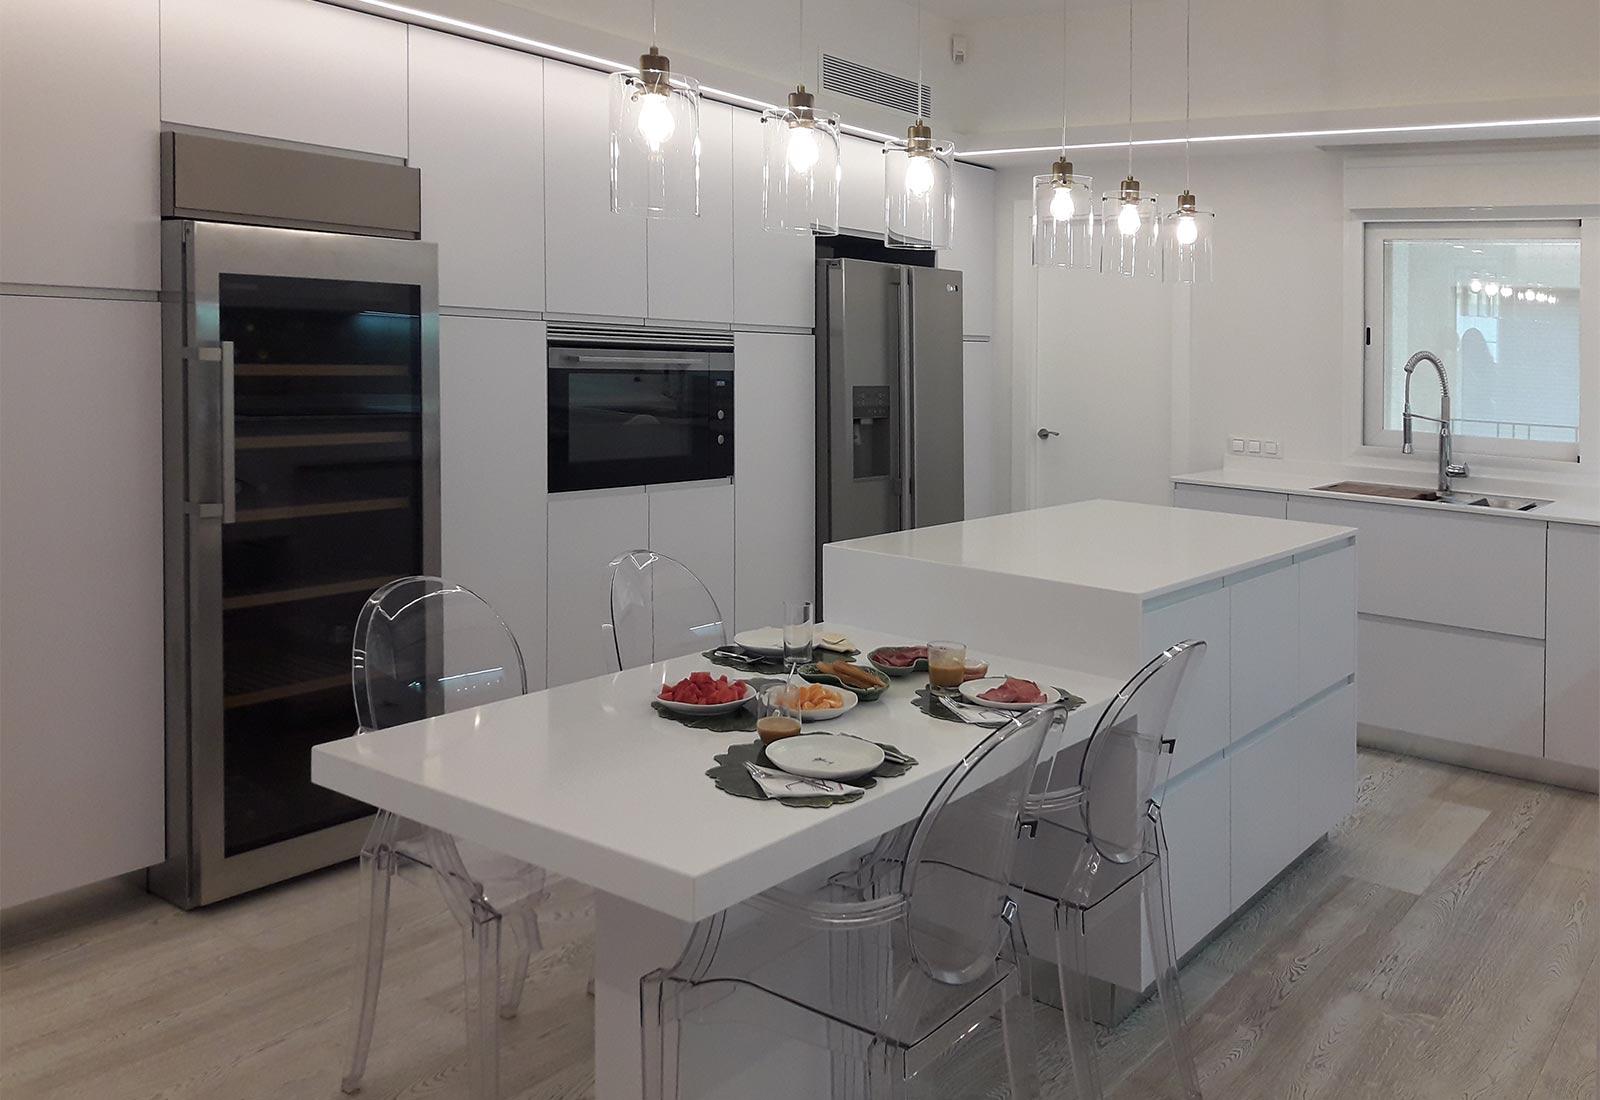 """Cocina en blanco brillo con isla central y mesado, mueble columna con horno integrado, frigorífico """"side by side"""" y vinoteca"""